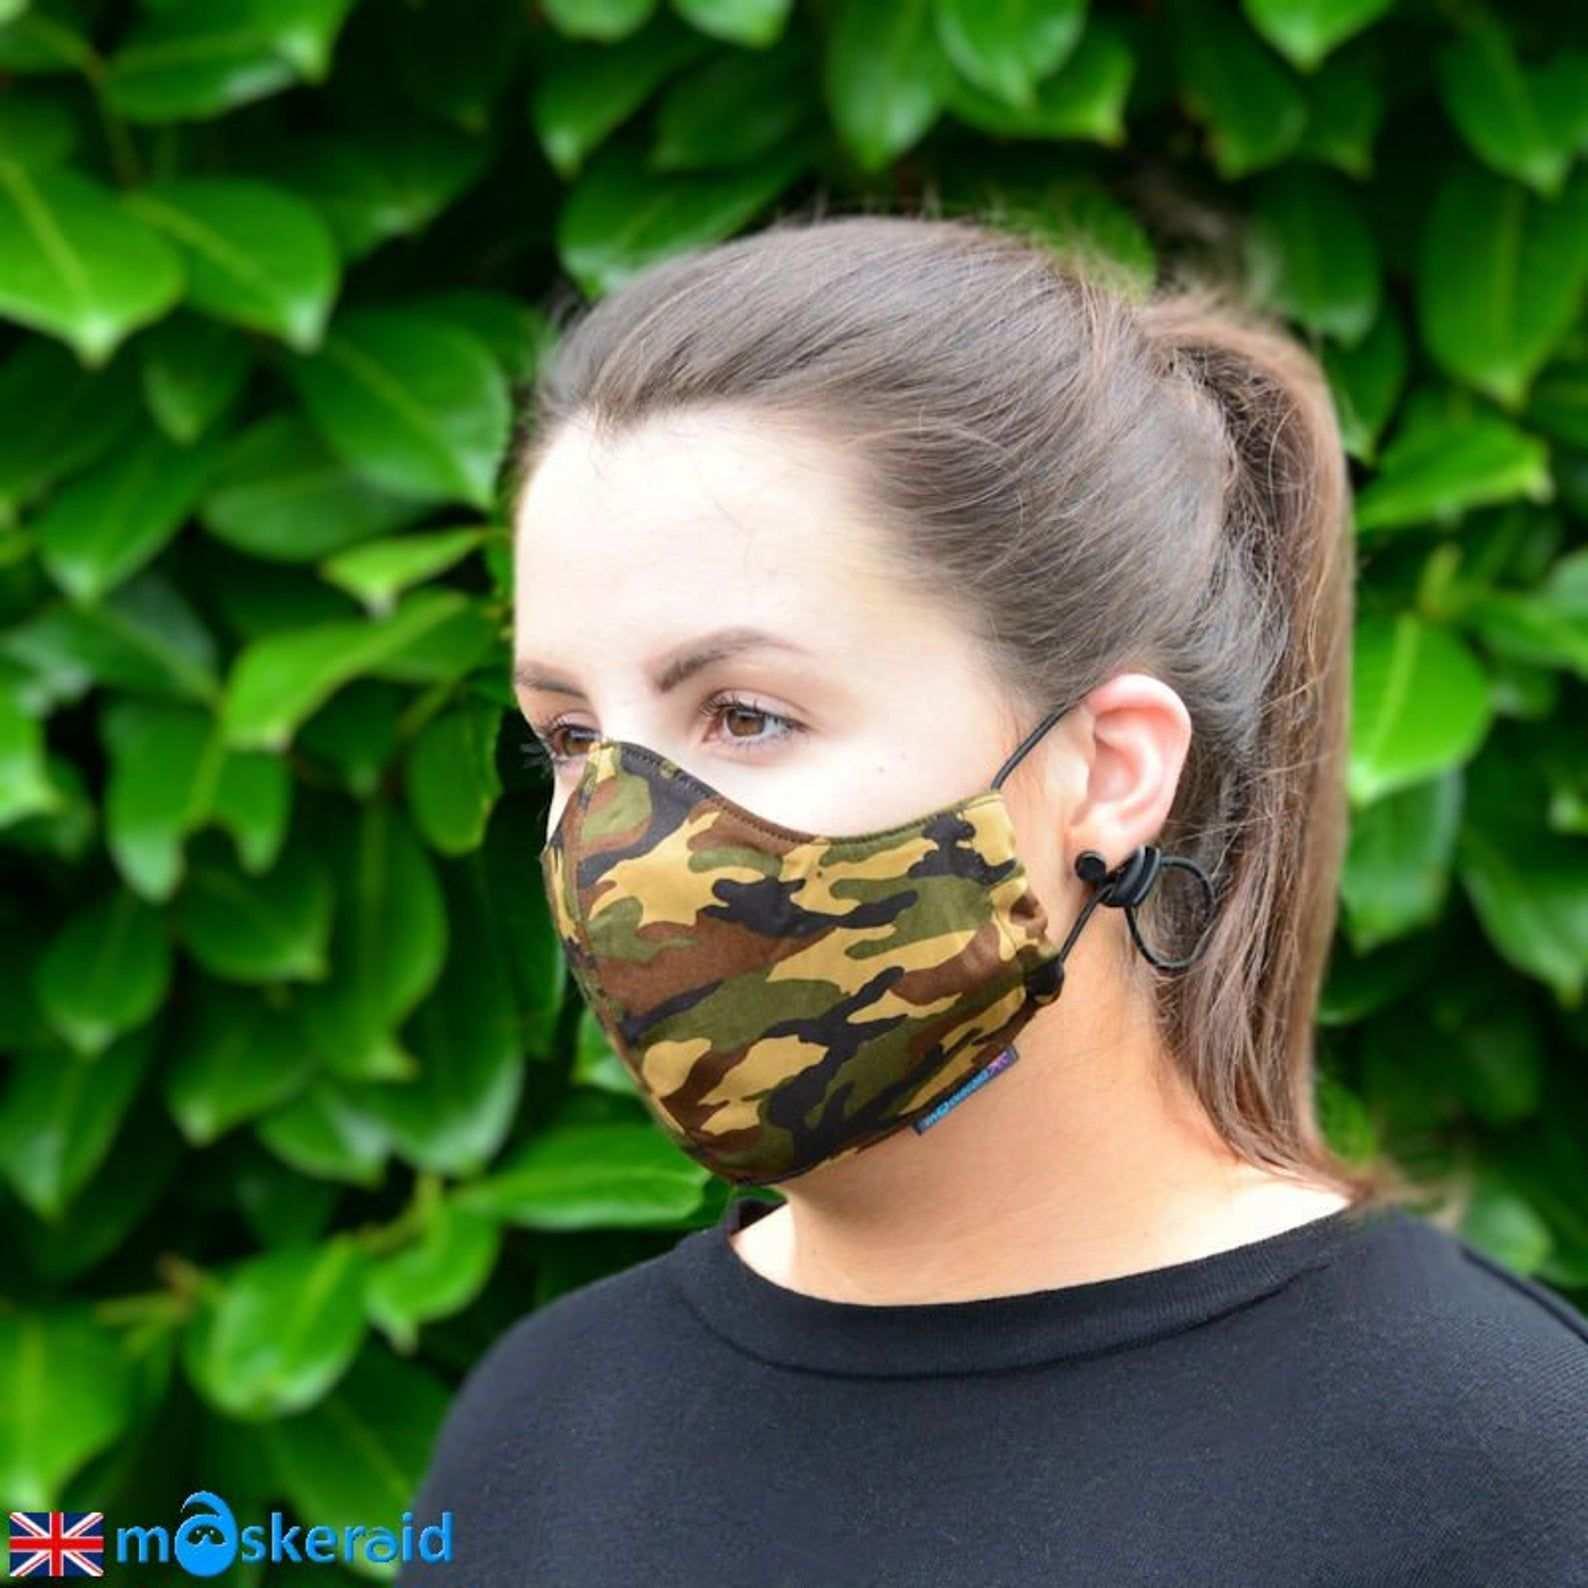 Maskeraid Camouflage Wiederverwendbare Baumwolle Etsy Masken Gesichts Masken Gesichtsmaske Diy